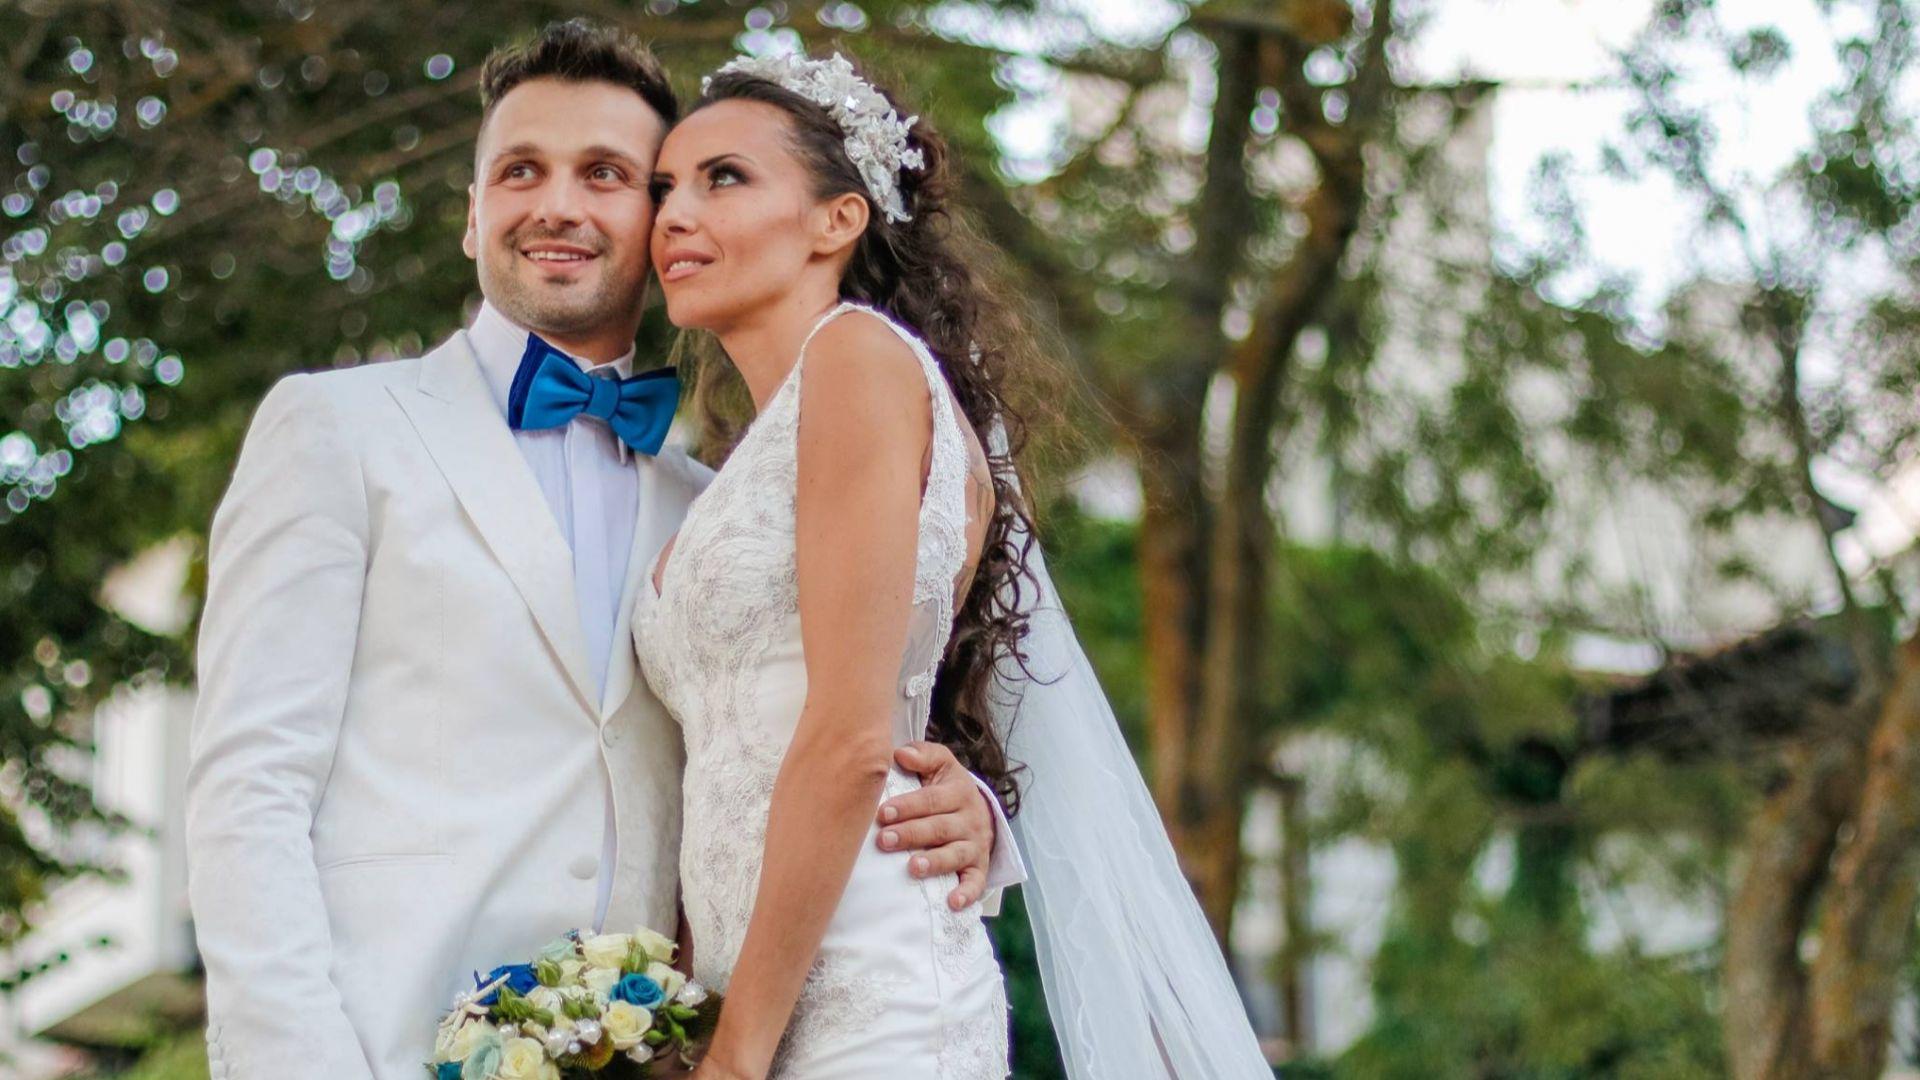 Александър Сано: От 10 години сме с Нели и съм все така влюбен в нея